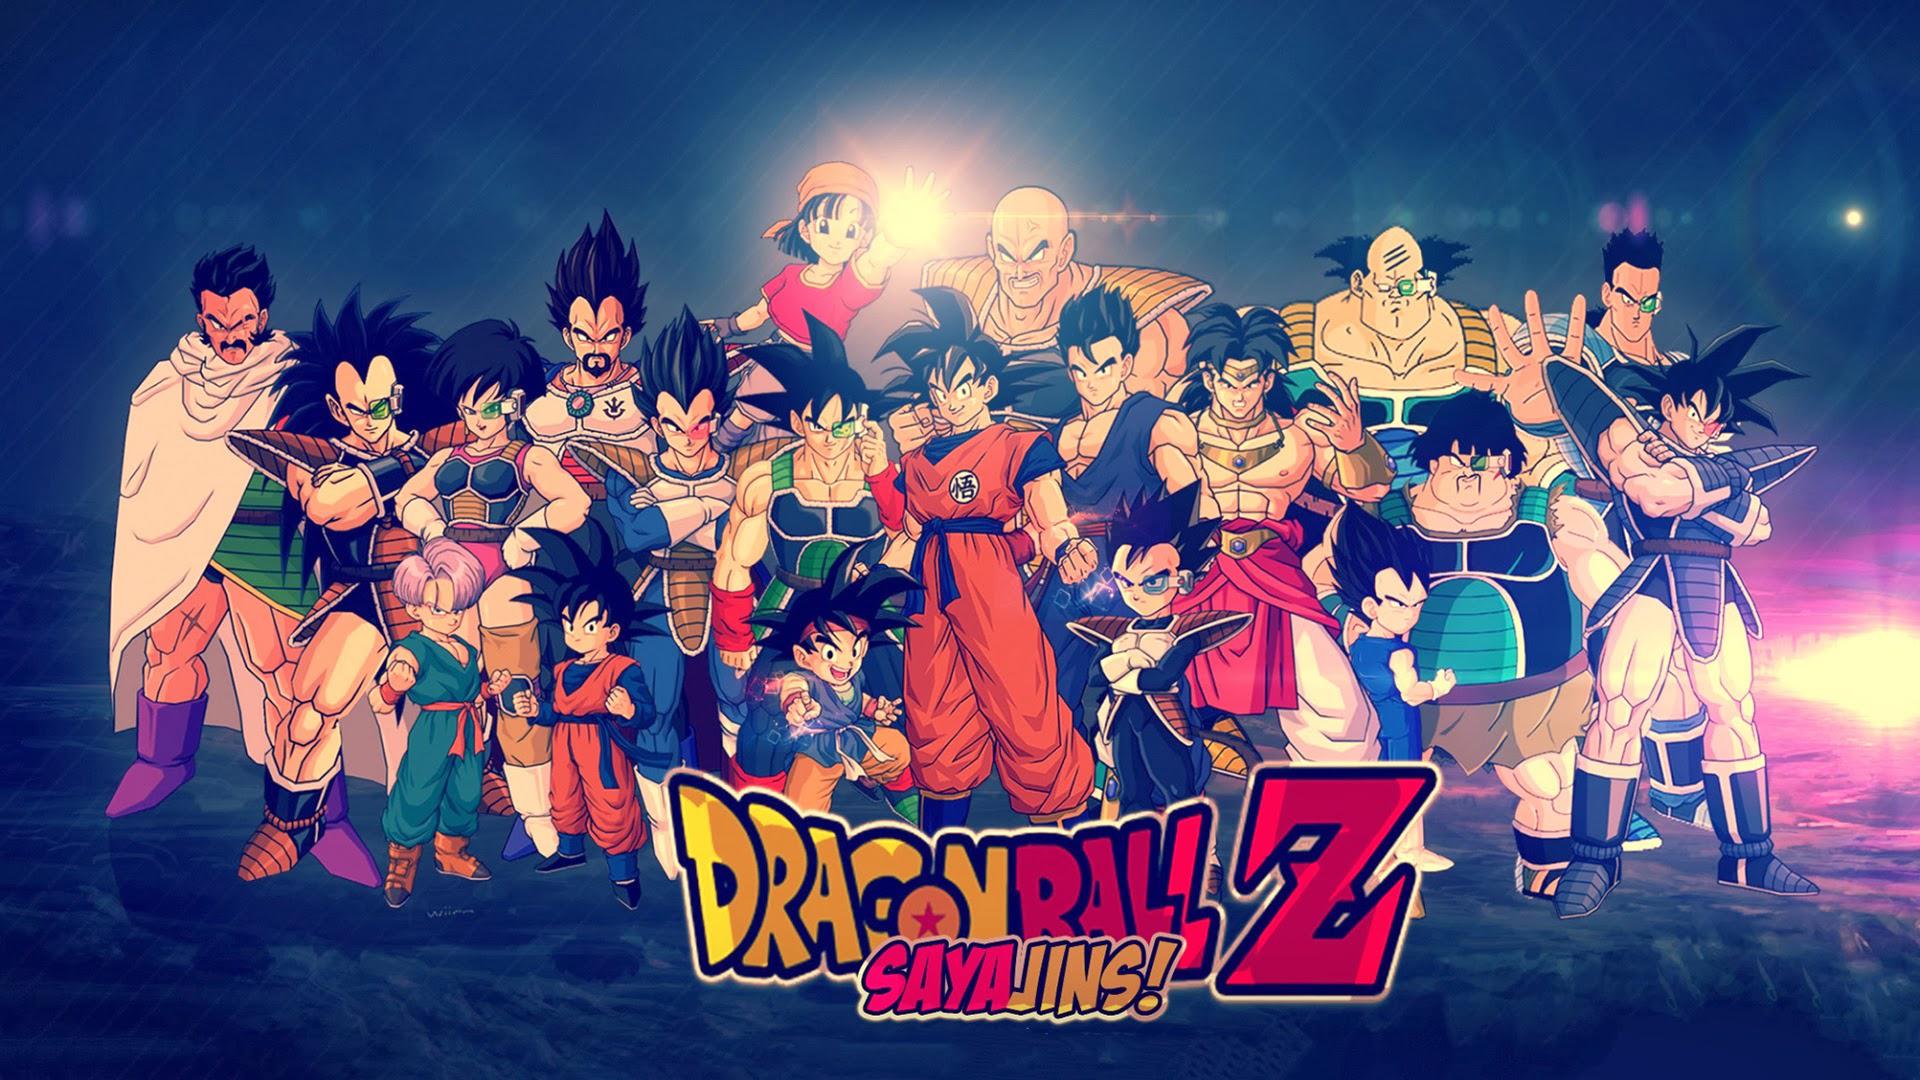 Dragon-Ball-Z-Wallpapers-HD-5 Cantando